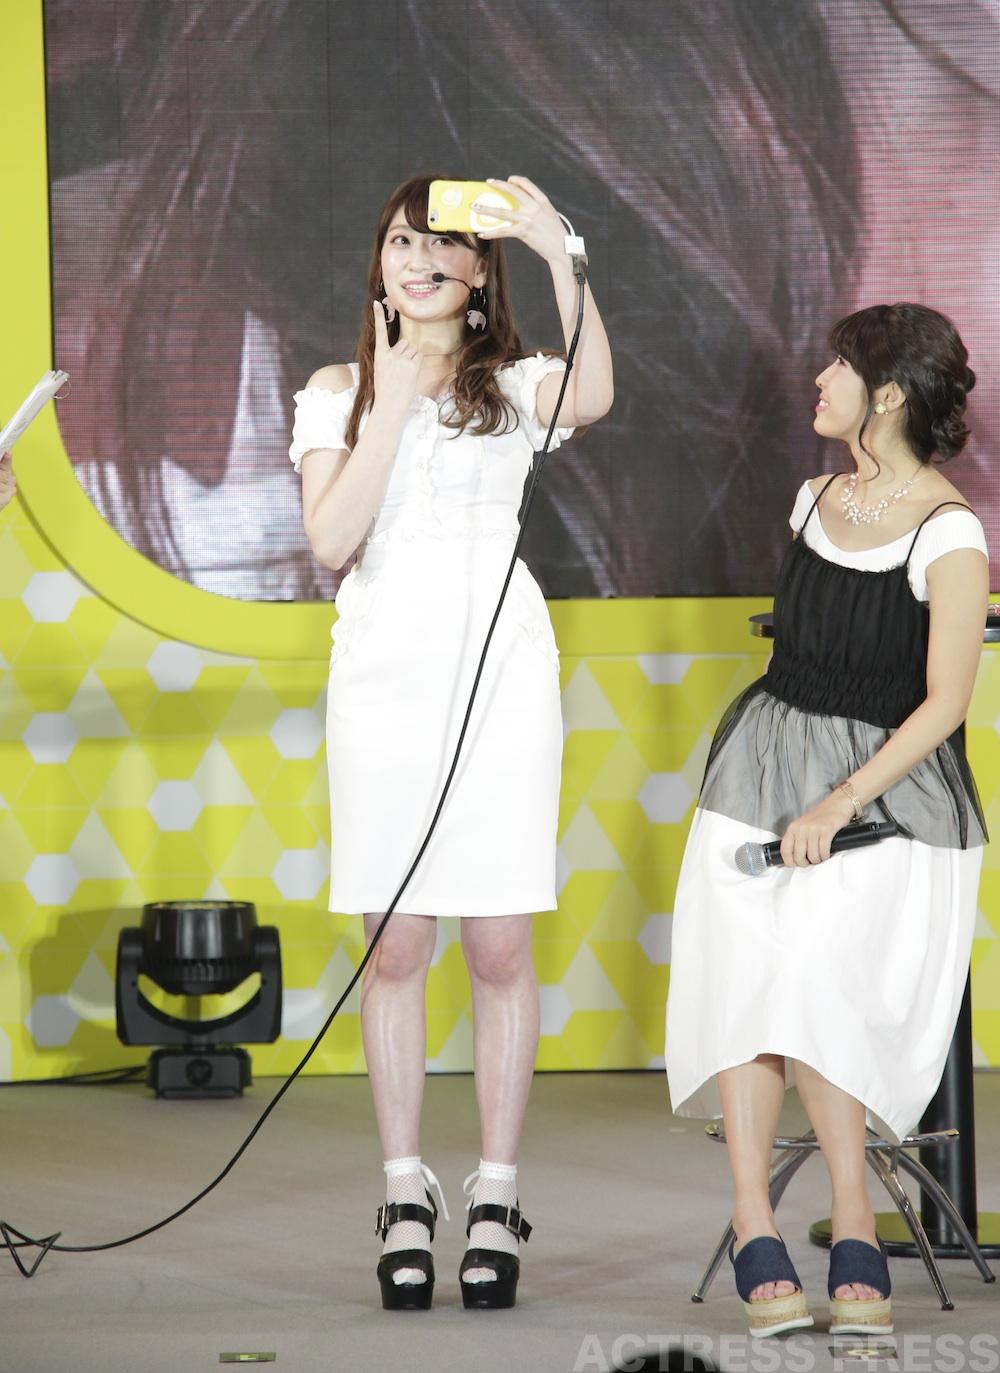 吉田朱里(NMB48)SUPER C CHANNEL・インスタ映えする マル秘メイクテク